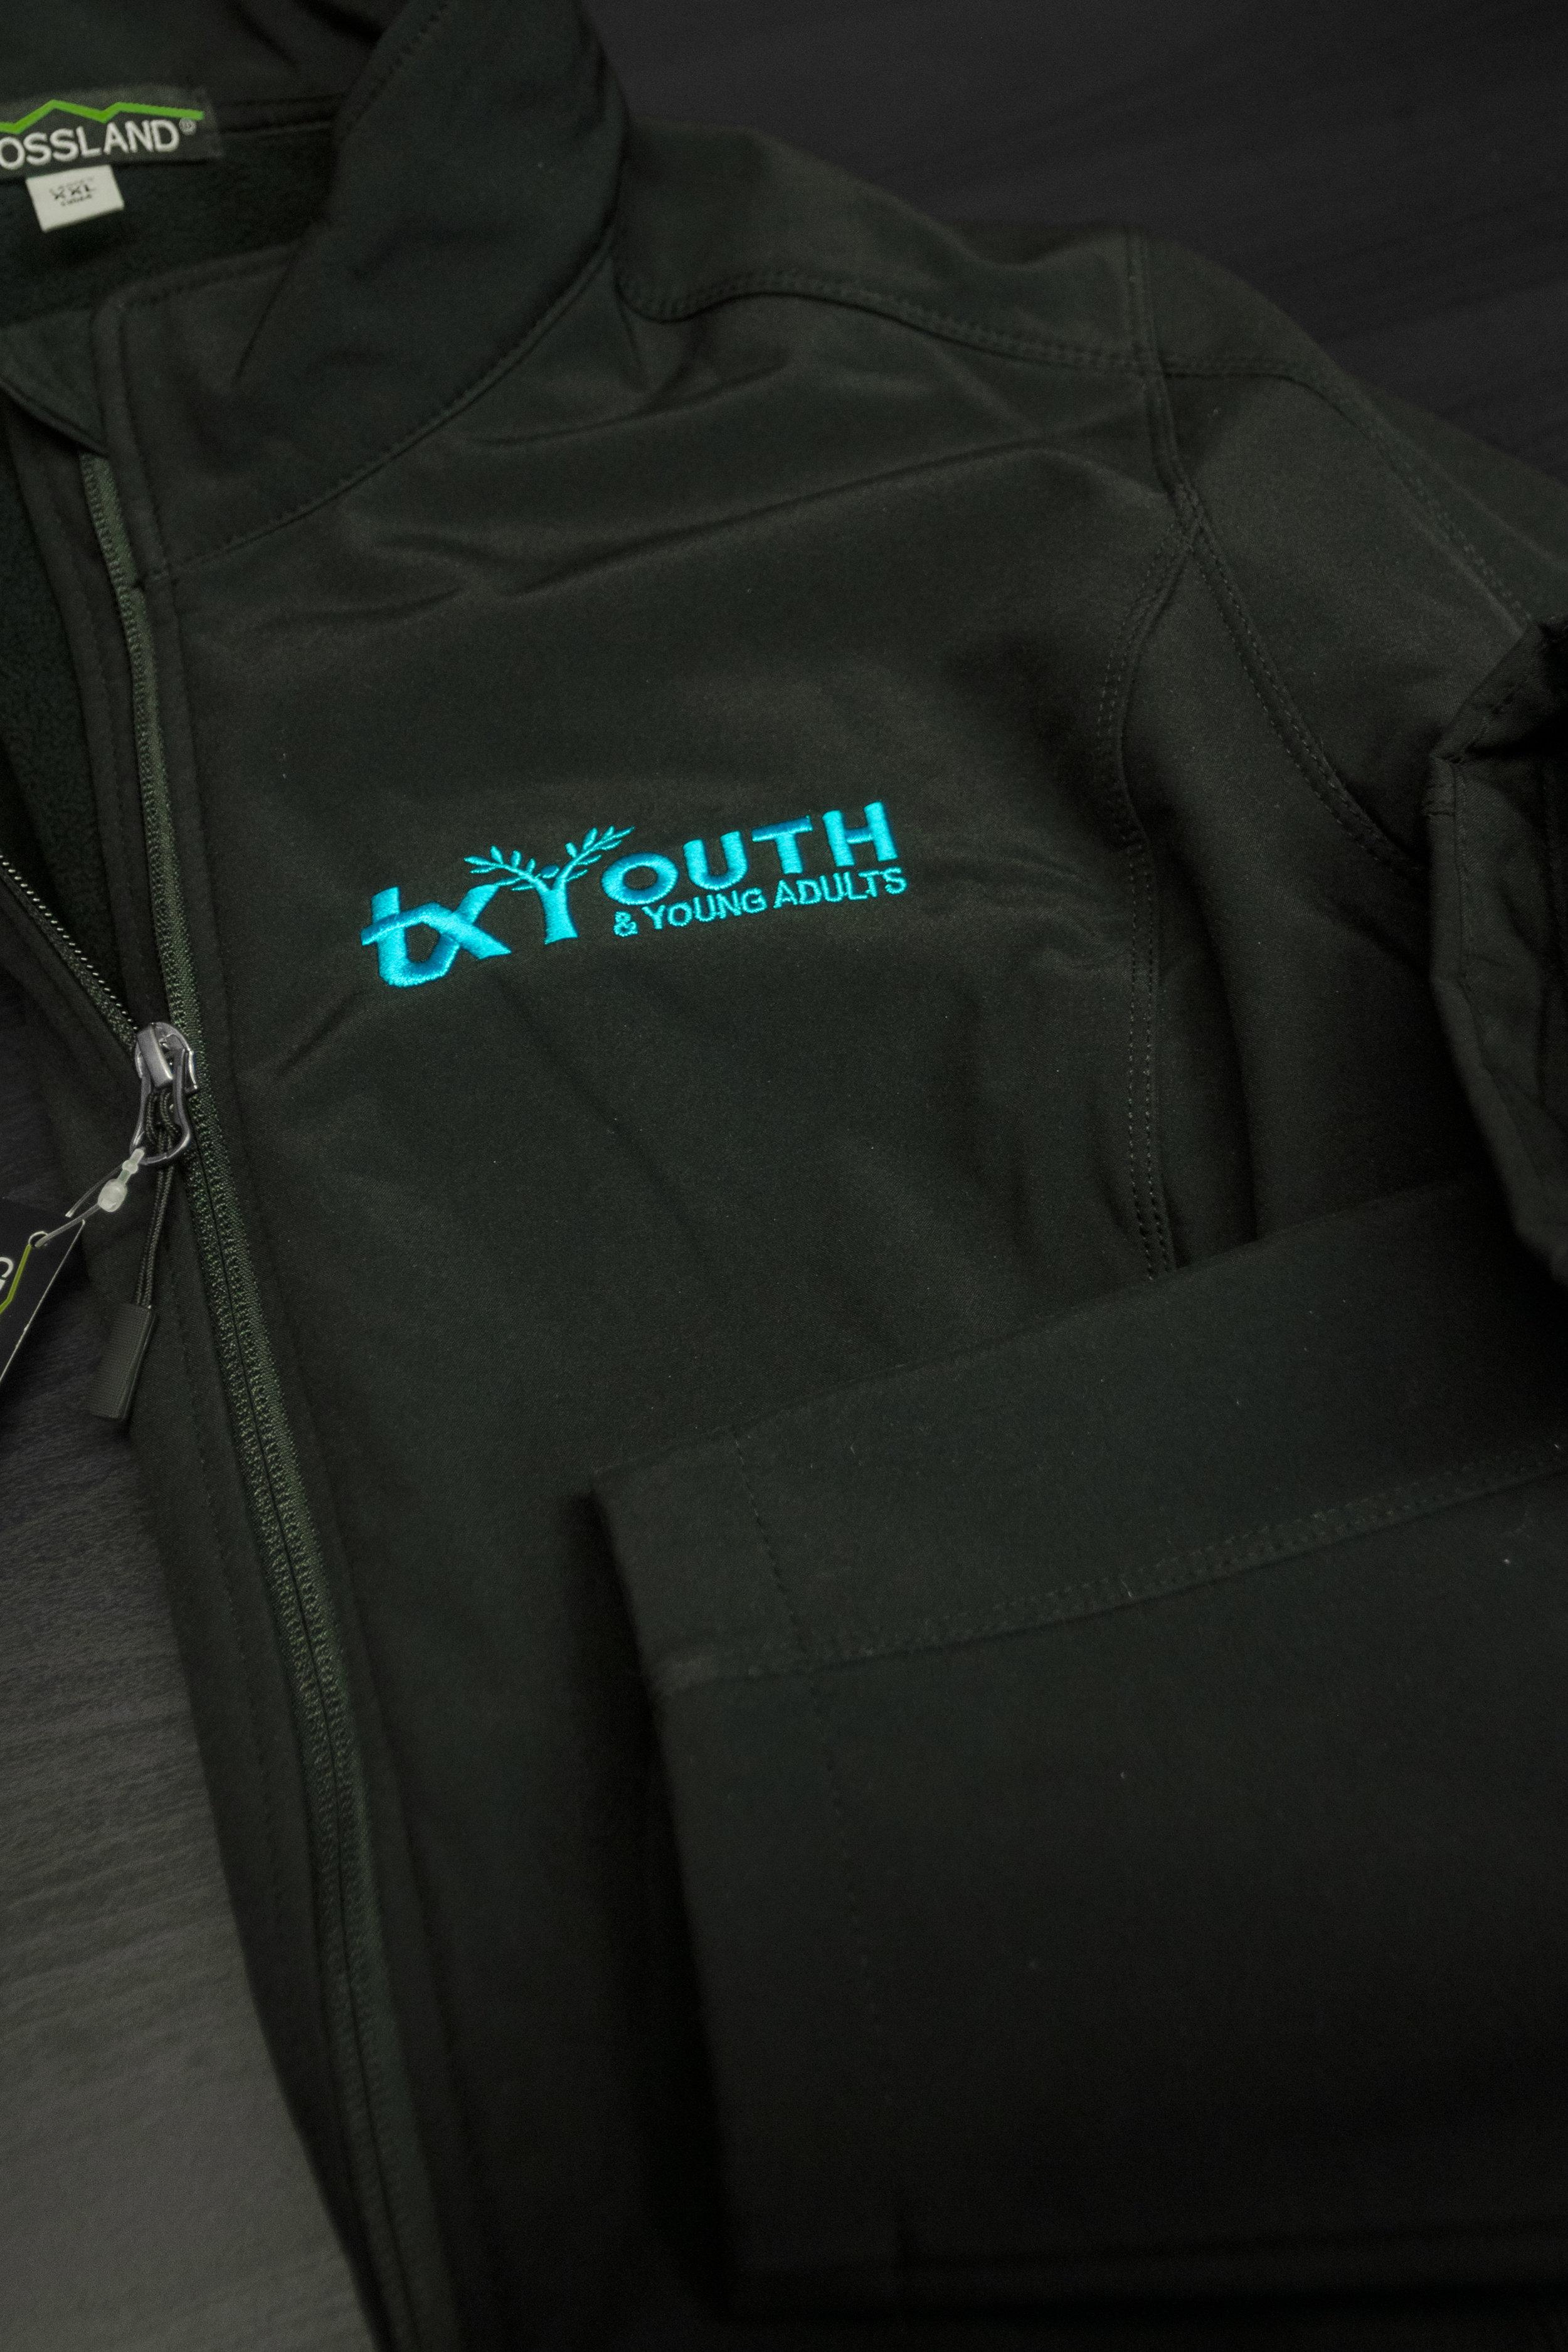 TX YOUTH -  BLUE LOGO JACKET    $45.00